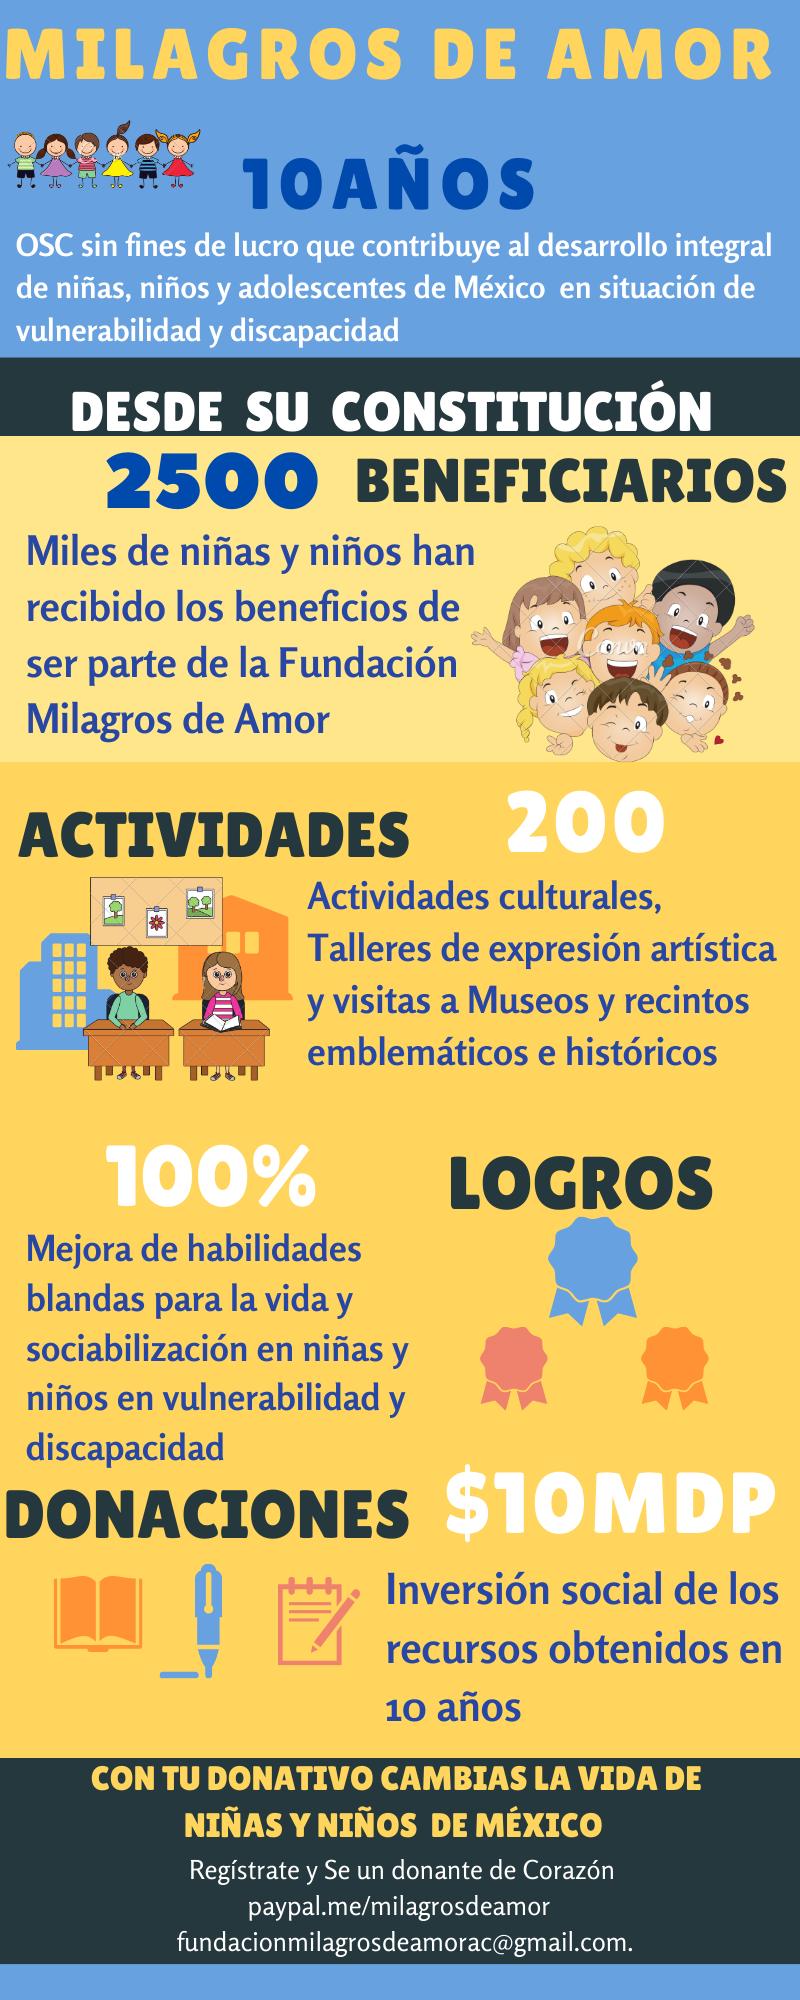 MILAGROS_DE_AMOR_10_AÑOS__(2).png